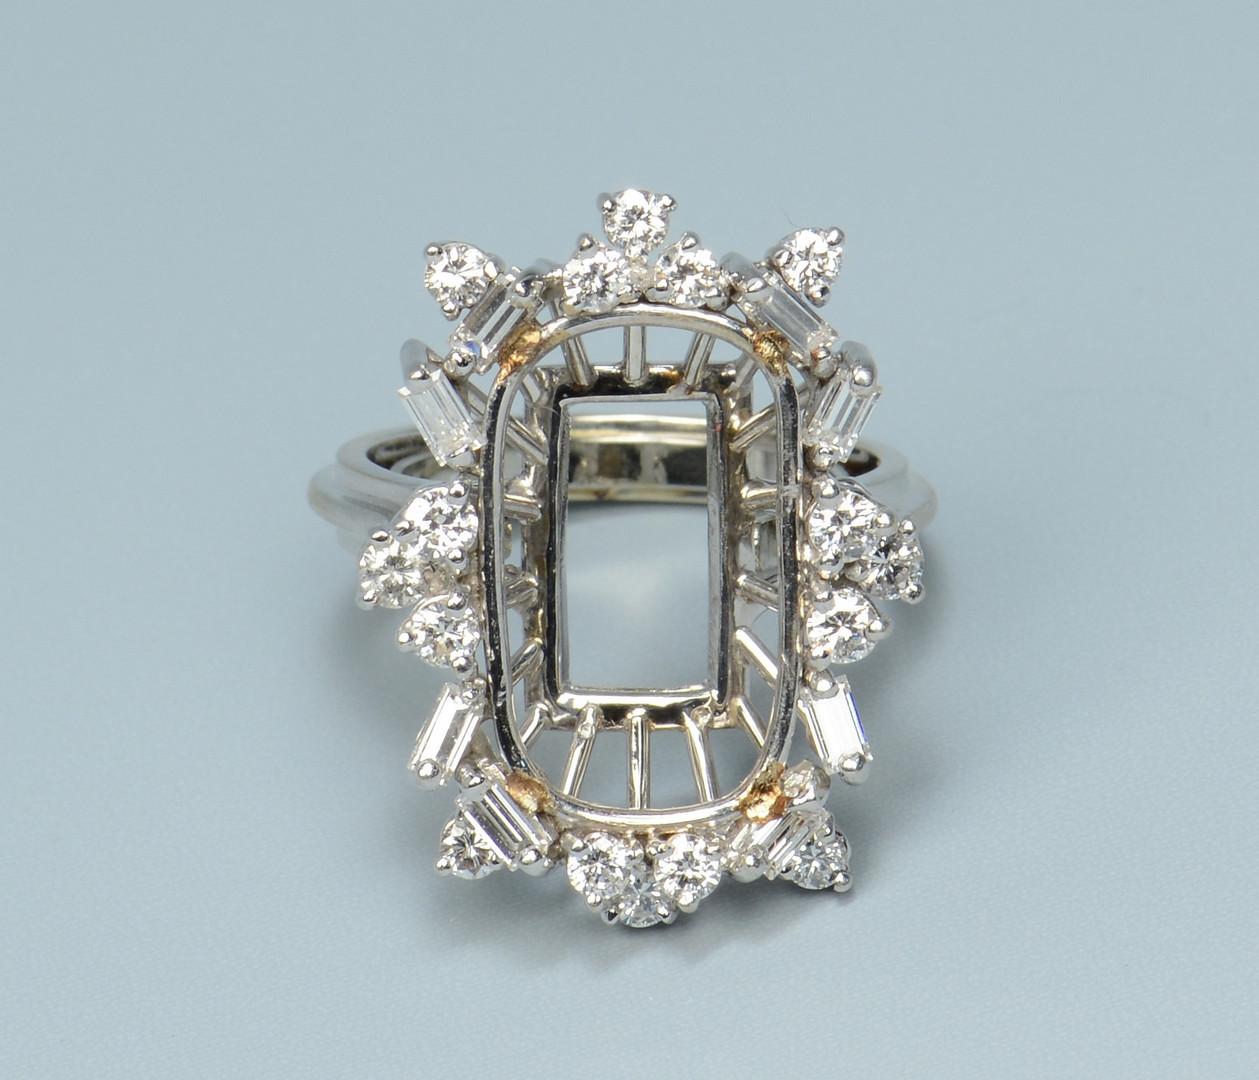 Lot 778: 18k Diamond Ring Mounting